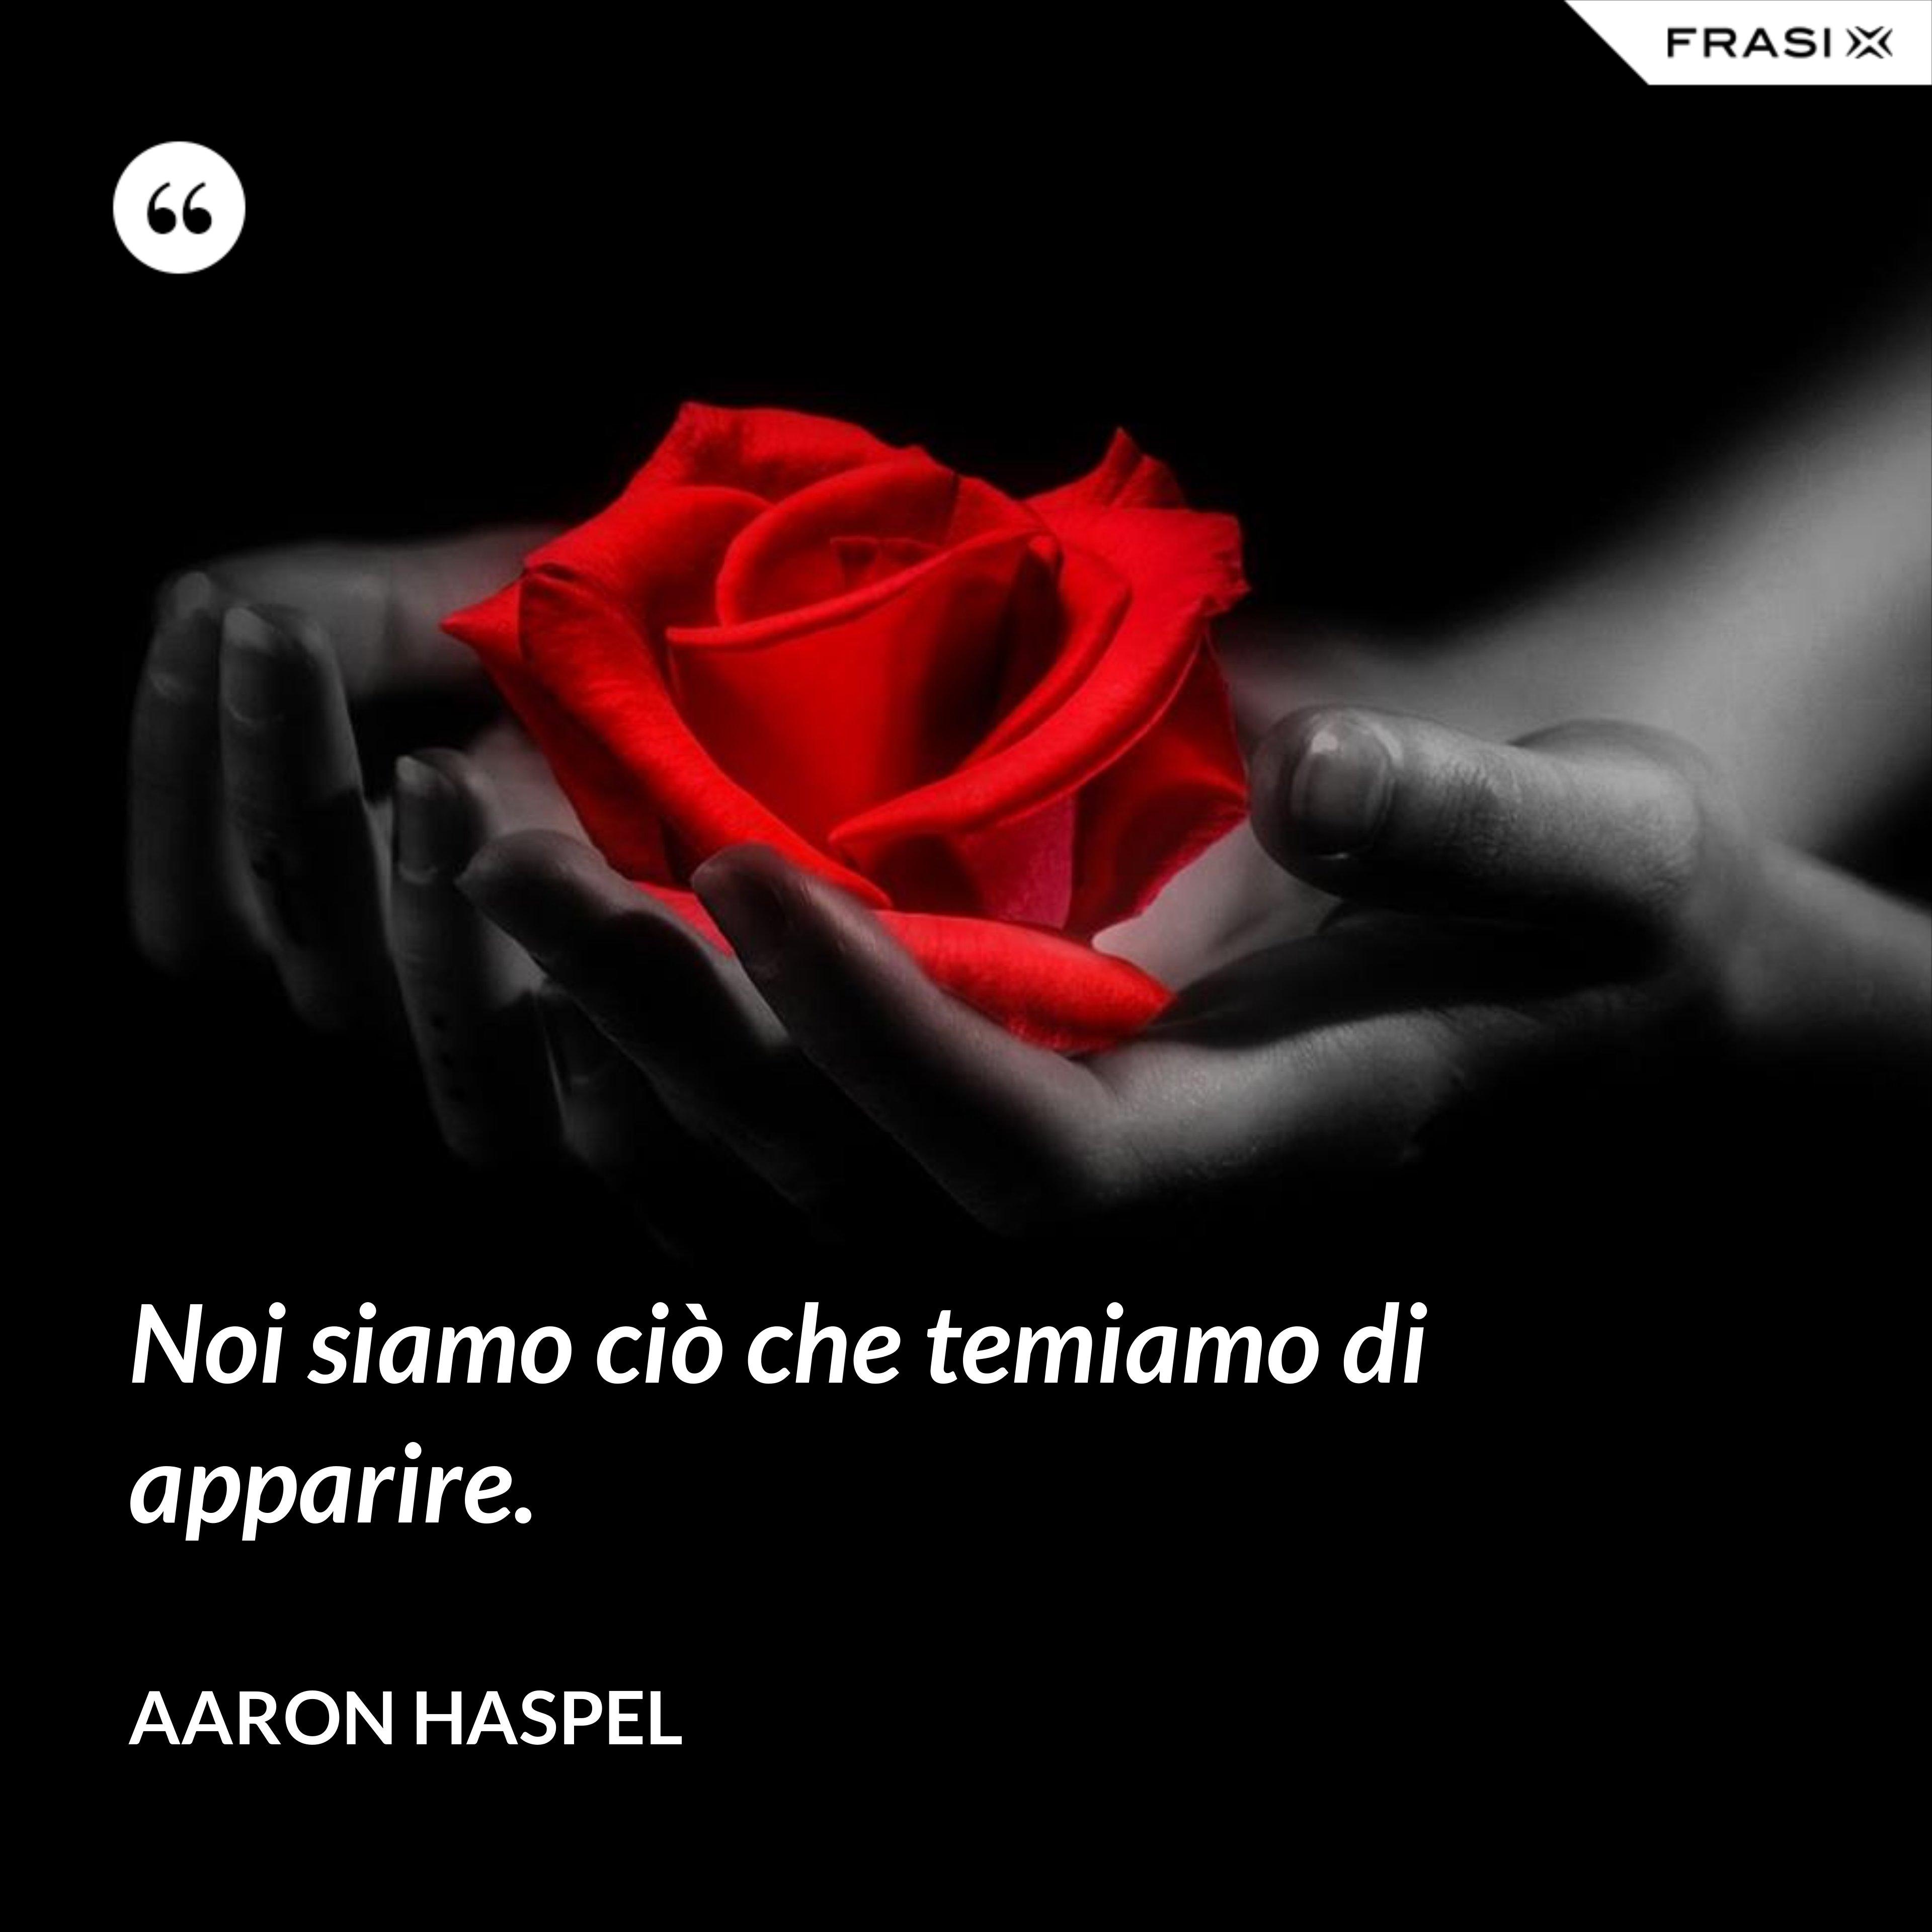 Noi siamo ciò che temiamo di apparire. - Aaron Haspel